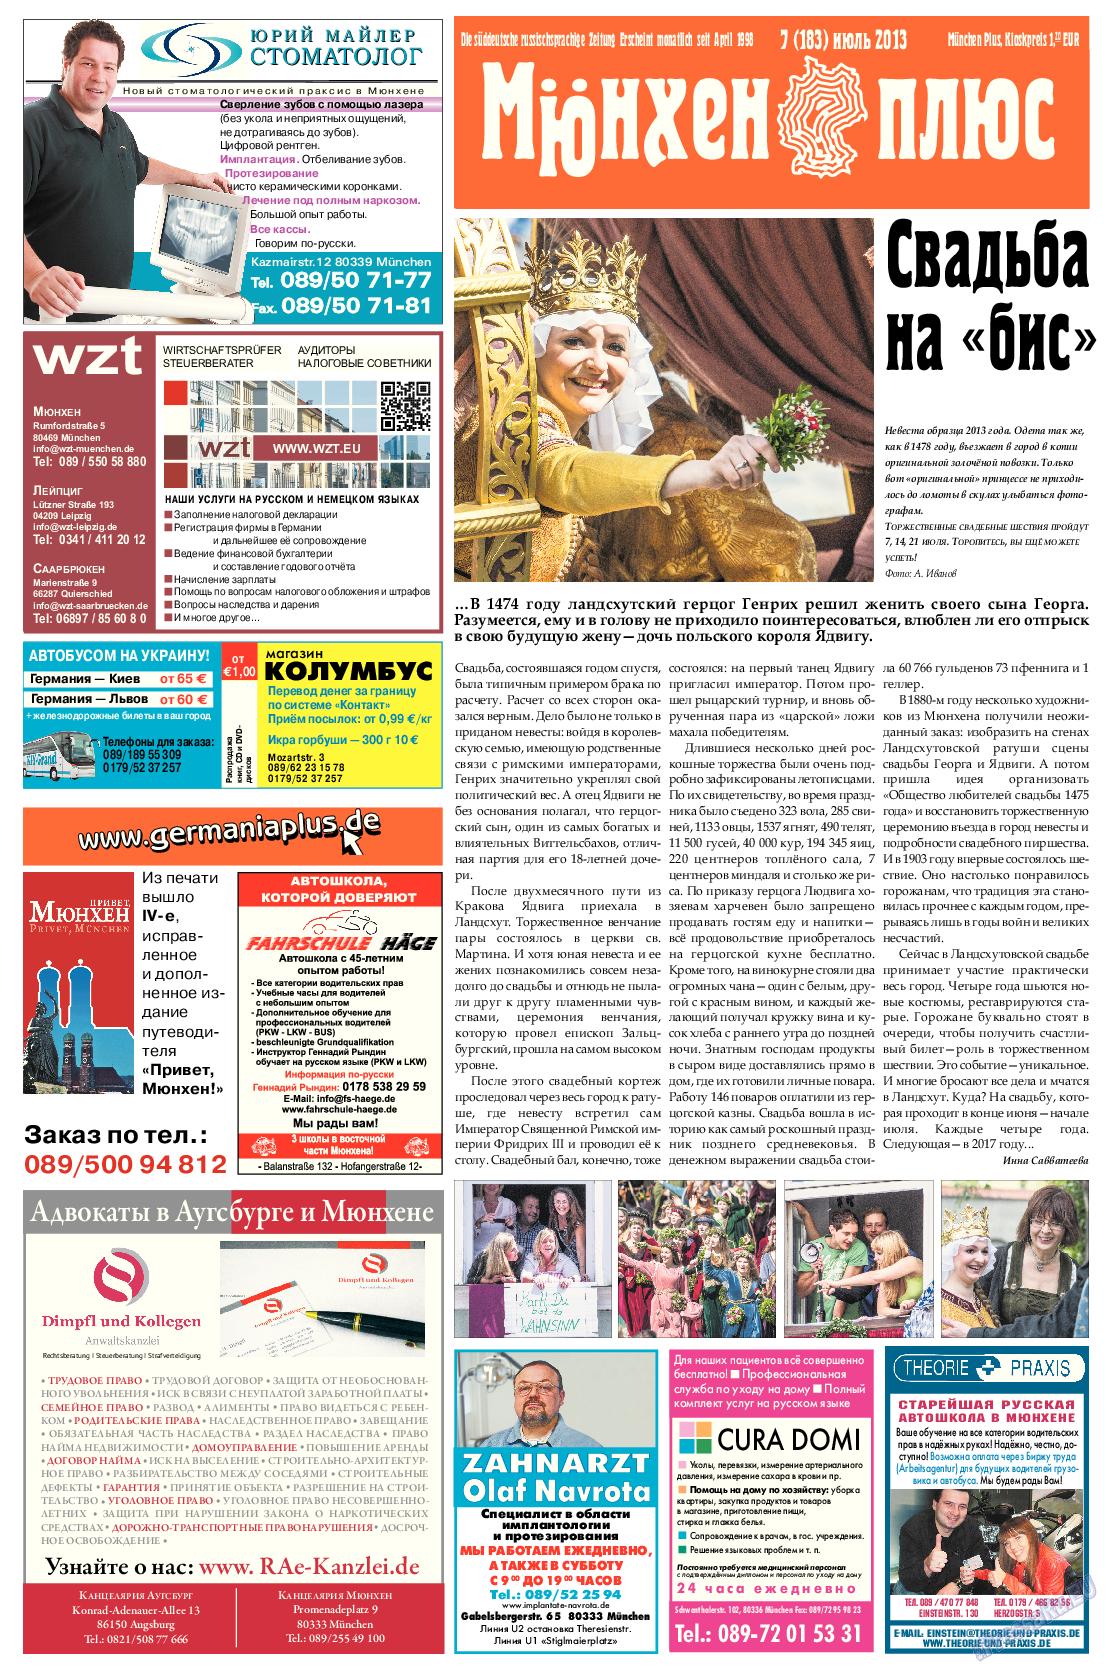 Германия плюс (газета). 2013 год, номер 7, стр. 1